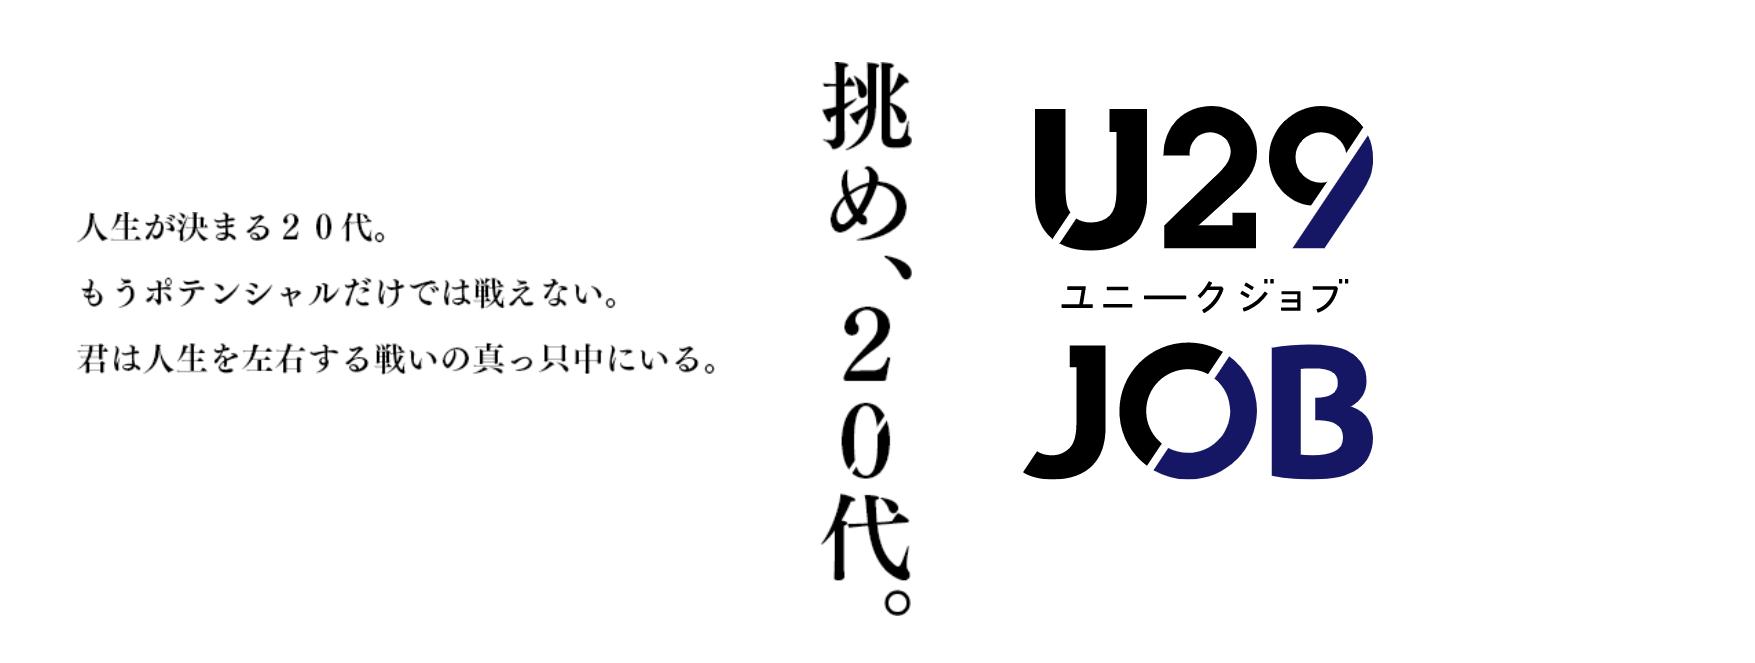 20代専門転職サイト「U29JOB」、リニューアルでサイトスローガンなどを変更